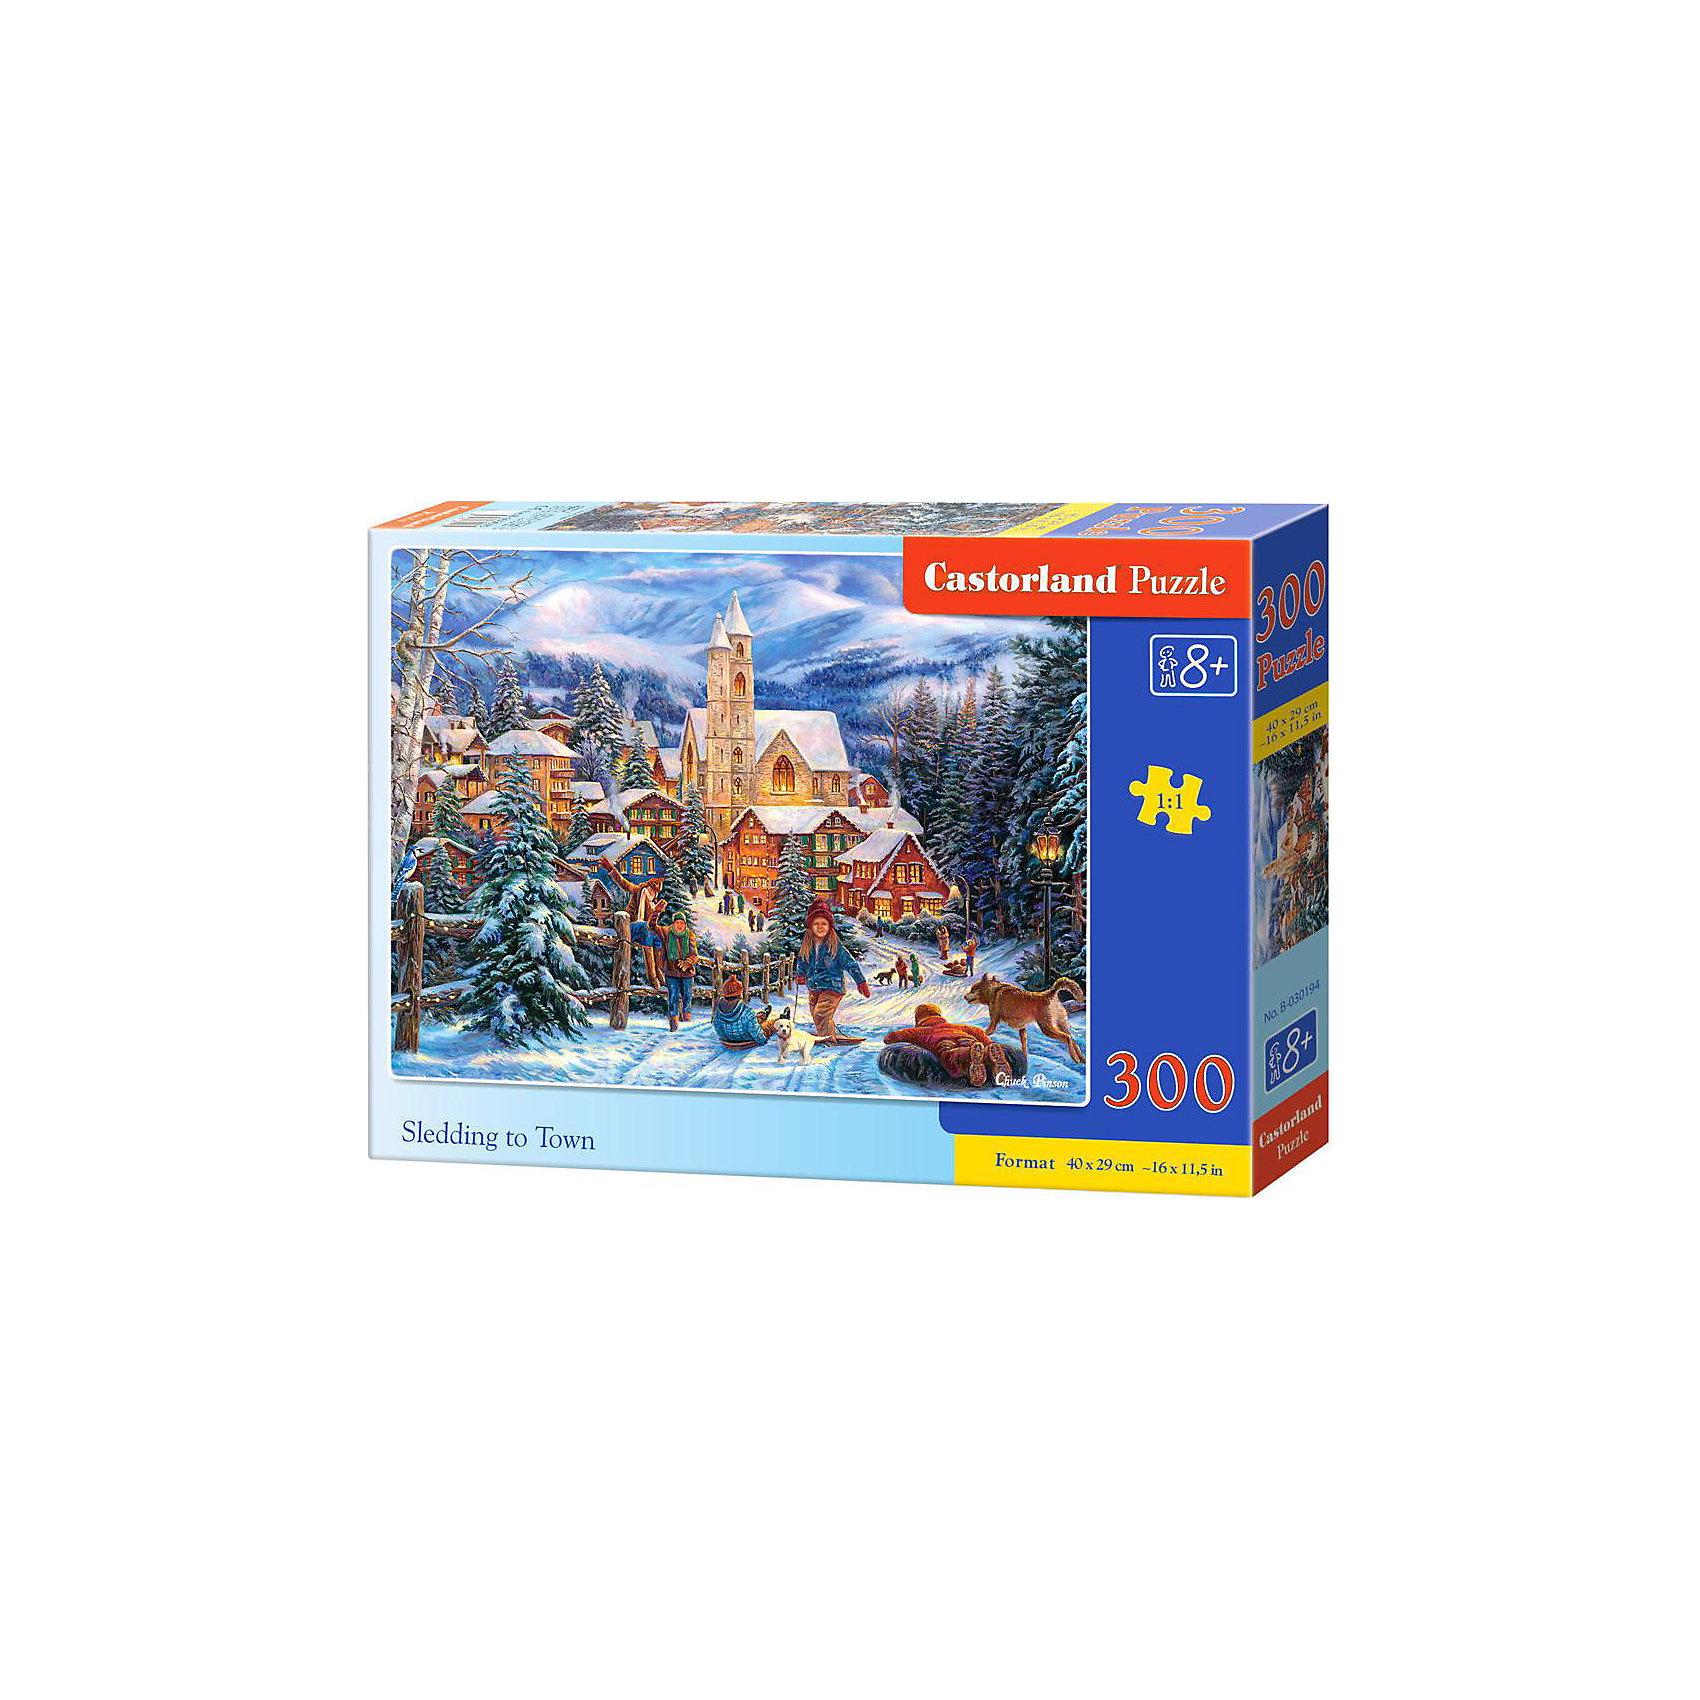 Пазл Снежная горка в городе, 300 деталей, CastorlandКоличество деталей<br>Пазл Снежная горка в городе, 300 деталей, Castorland, (Касторленд)<br><br>Характеристики:<br><br>• яркие цвета<br>• привлекательная картинка<br>• количество деталей: 300<br>• размер пазла: 40х29 см<br>• размер упаковки: 32,5х22,5х5 см<br>• вес: 305 грамм<br>• материал: картон<br><br>Пазлы от Касторленд помогут развить логическое мышление, пространственное ориентирование и мелкую моторику ребенка. Пазлы изготовлены из плотного картона. Детали хорошо соединяются и устойчивы к повреждениям и выцветанию. Готовая картинка с изображением веселого катания с горки порадует вашего малыша!<br><br>Пазл Снежная горка в городе, 300 деталей, Castorland, (Касторленд) можно купить в нашем интернет-магазине.<br><br>Ширина мм: 320<br>Глубина мм: 47<br>Высота мм: 220<br>Вес г: 300<br>Возраст от месяцев: 84<br>Возраст до месяцев: 2147483647<br>Пол: Унисекс<br>Возраст: Детский<br>SKU: 5244651